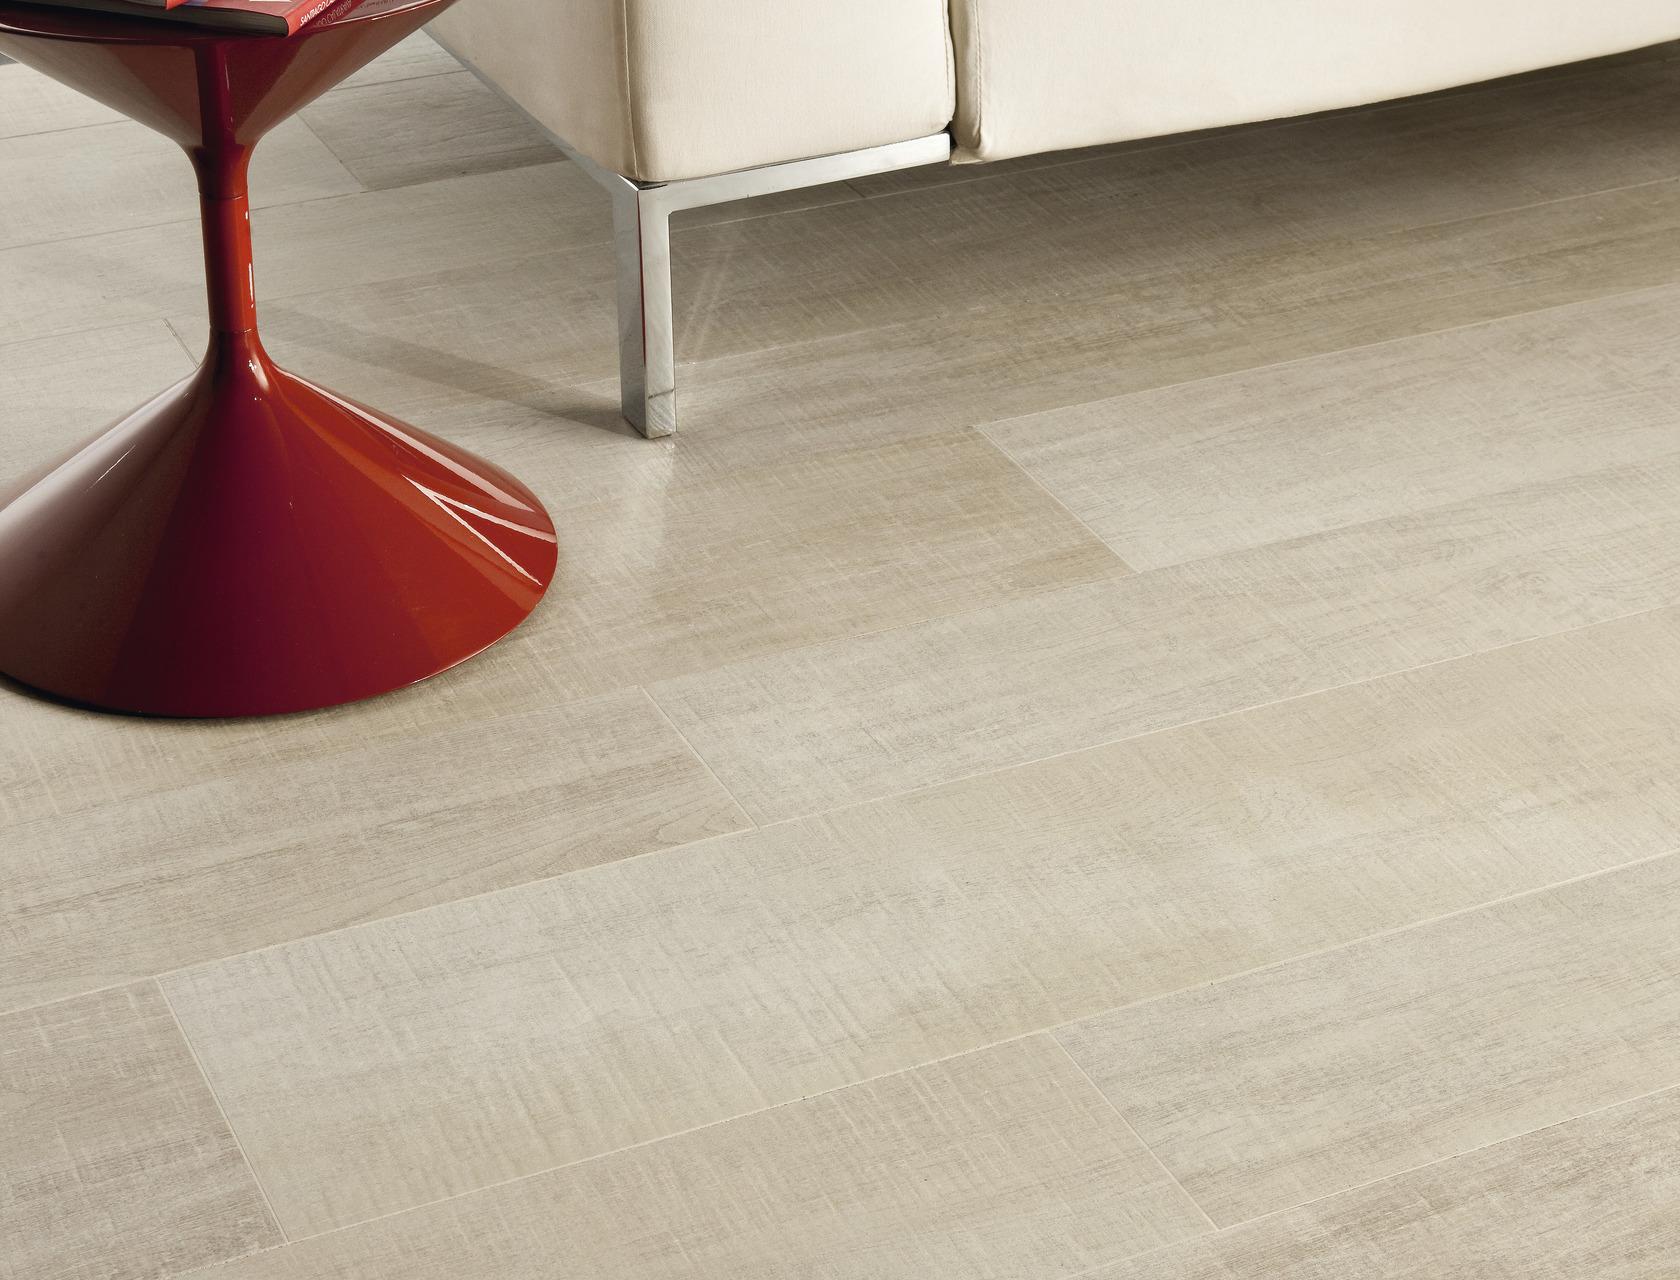 Piastrelle Effetto Legno Grigio : Pavimenti rivestimenti effetto legno chiaro rovere corda